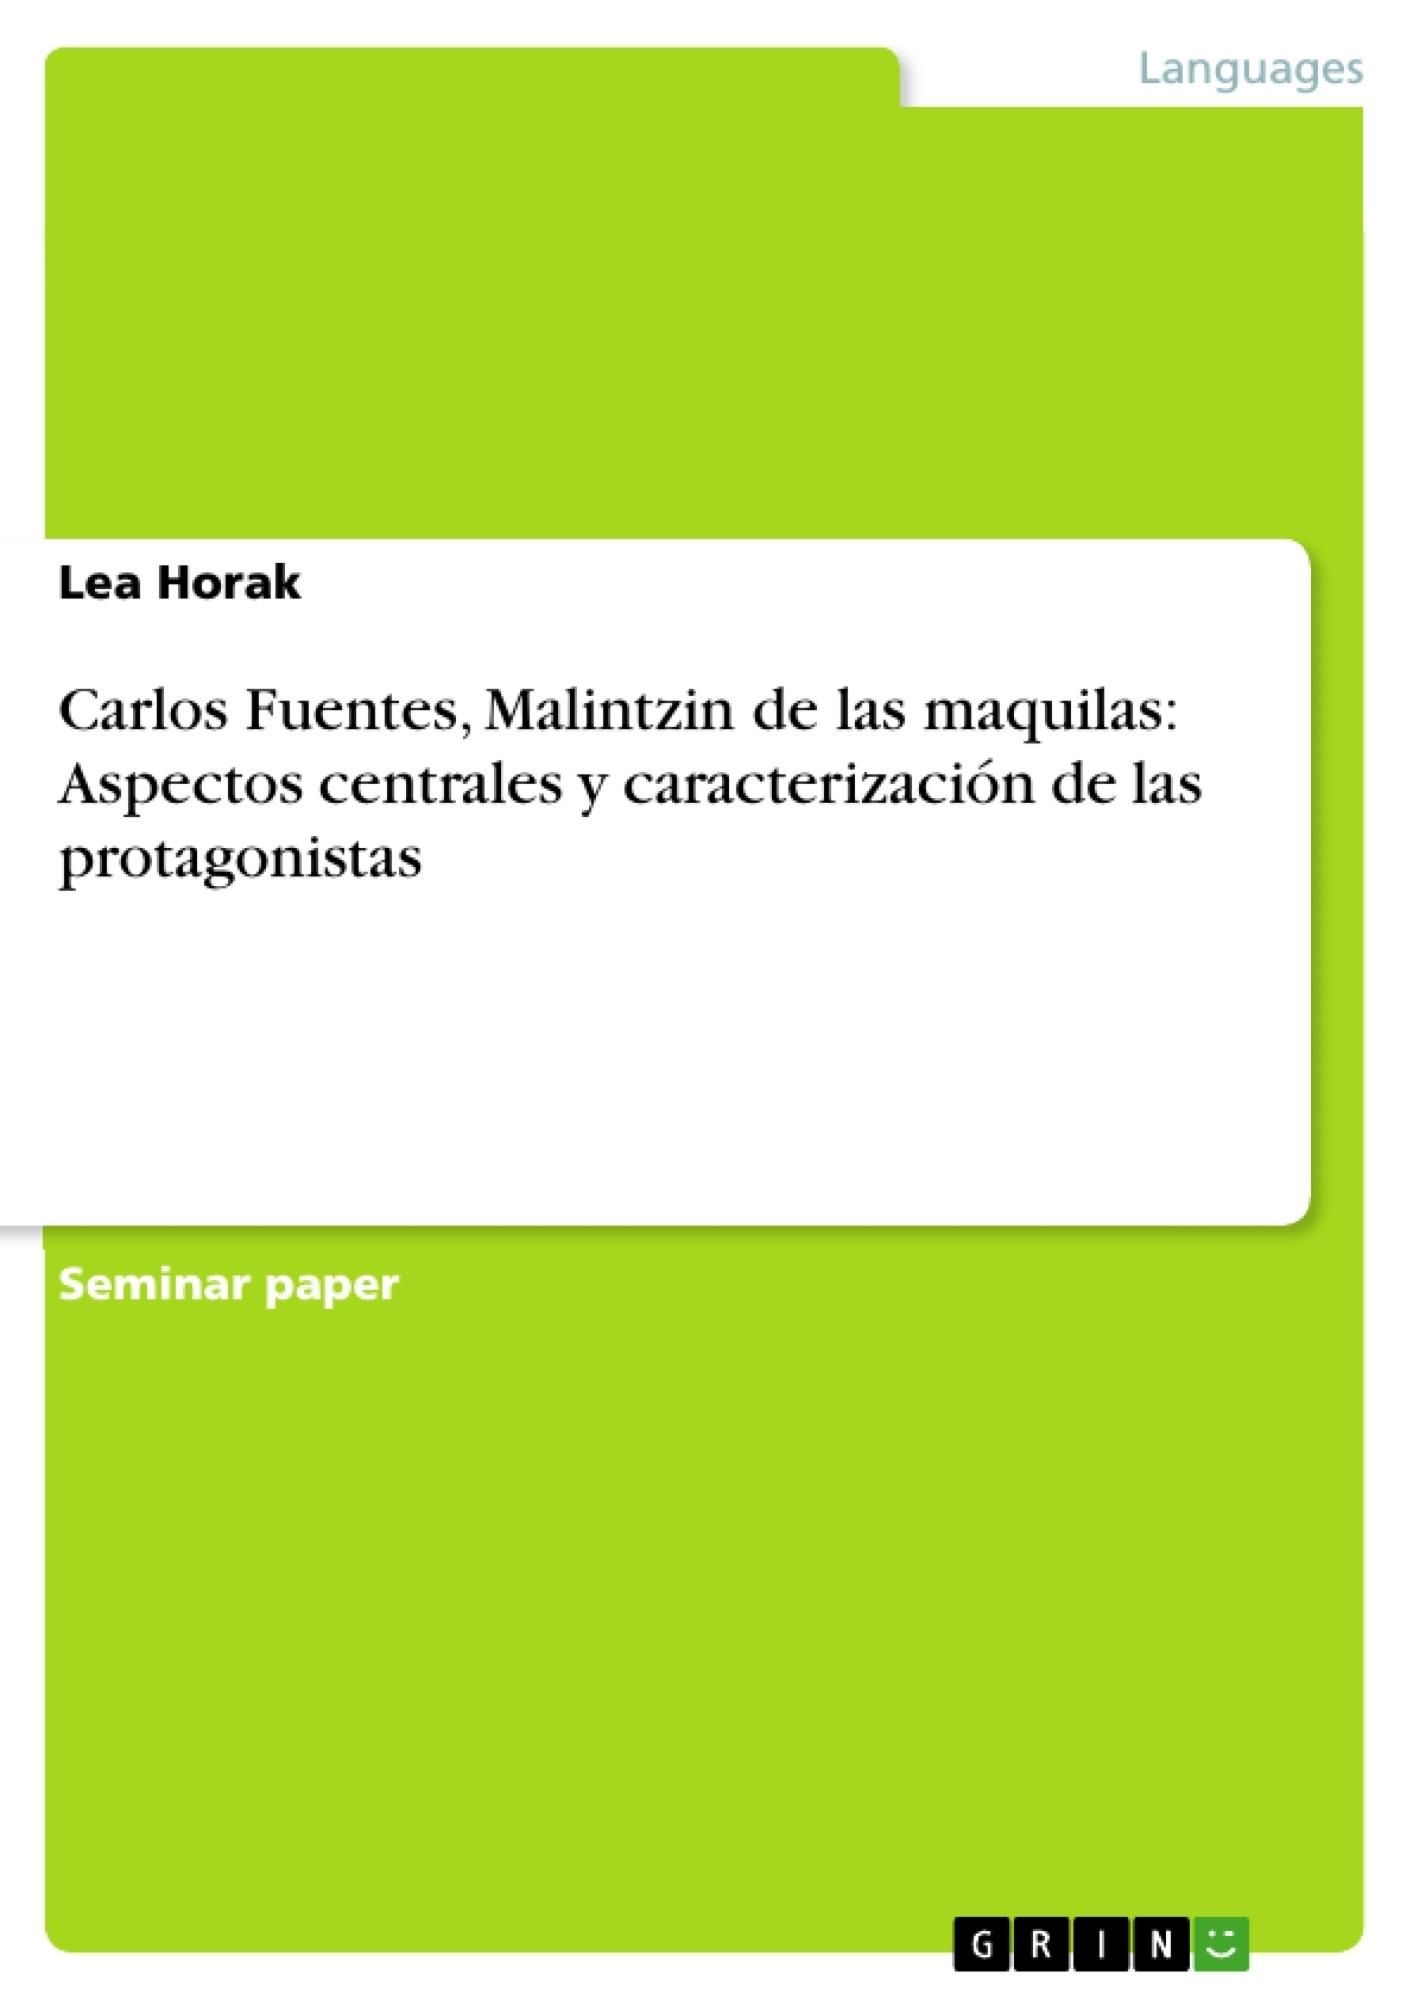 Título: Carlos Fuentes, Malintzin de las maquilas: Aspectos centrales y caracterización de las protagonistas